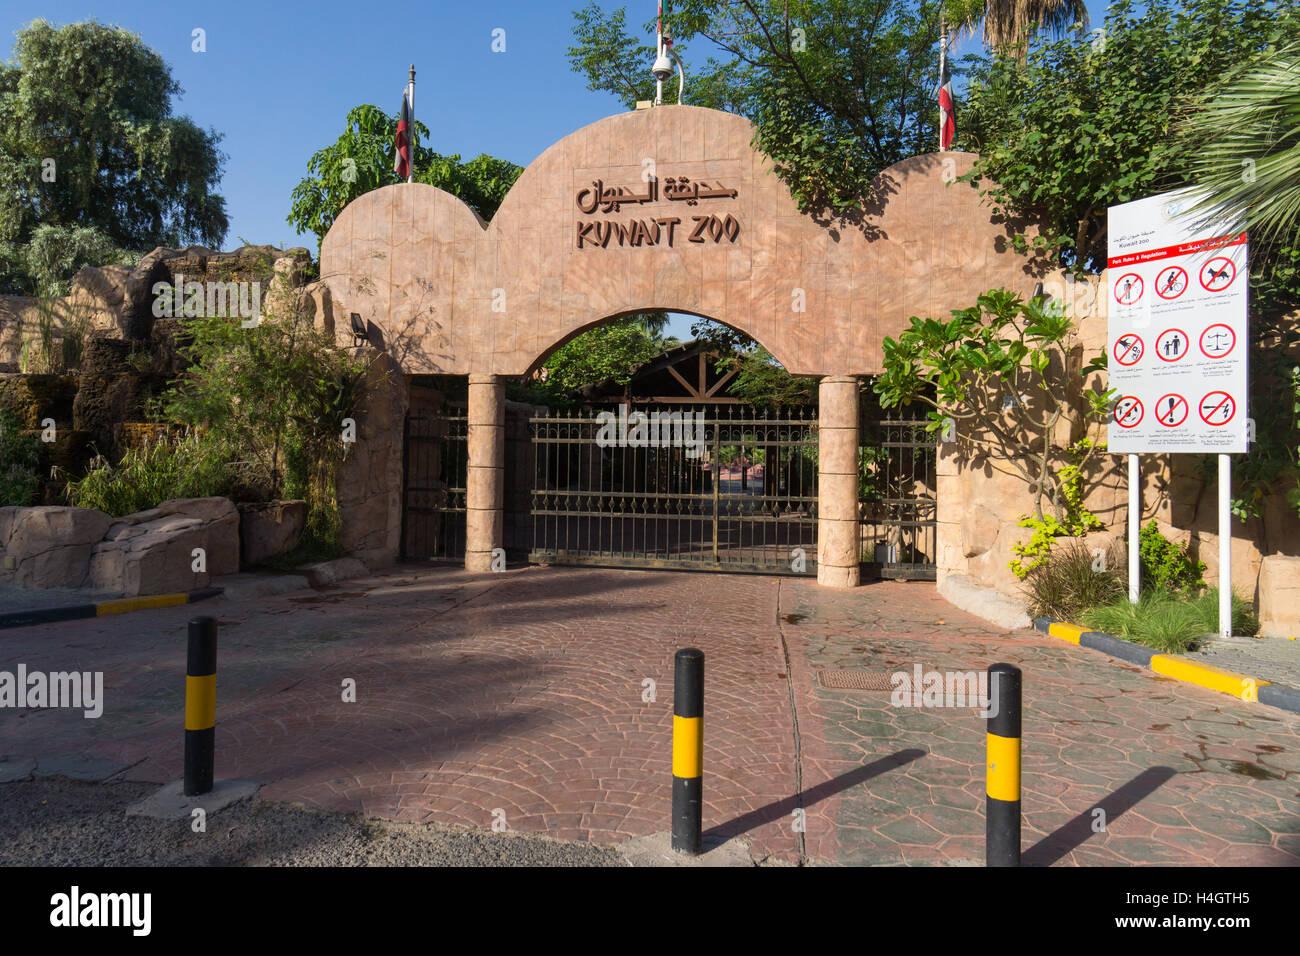 Entrance to Kuwait zoo - Stock Image